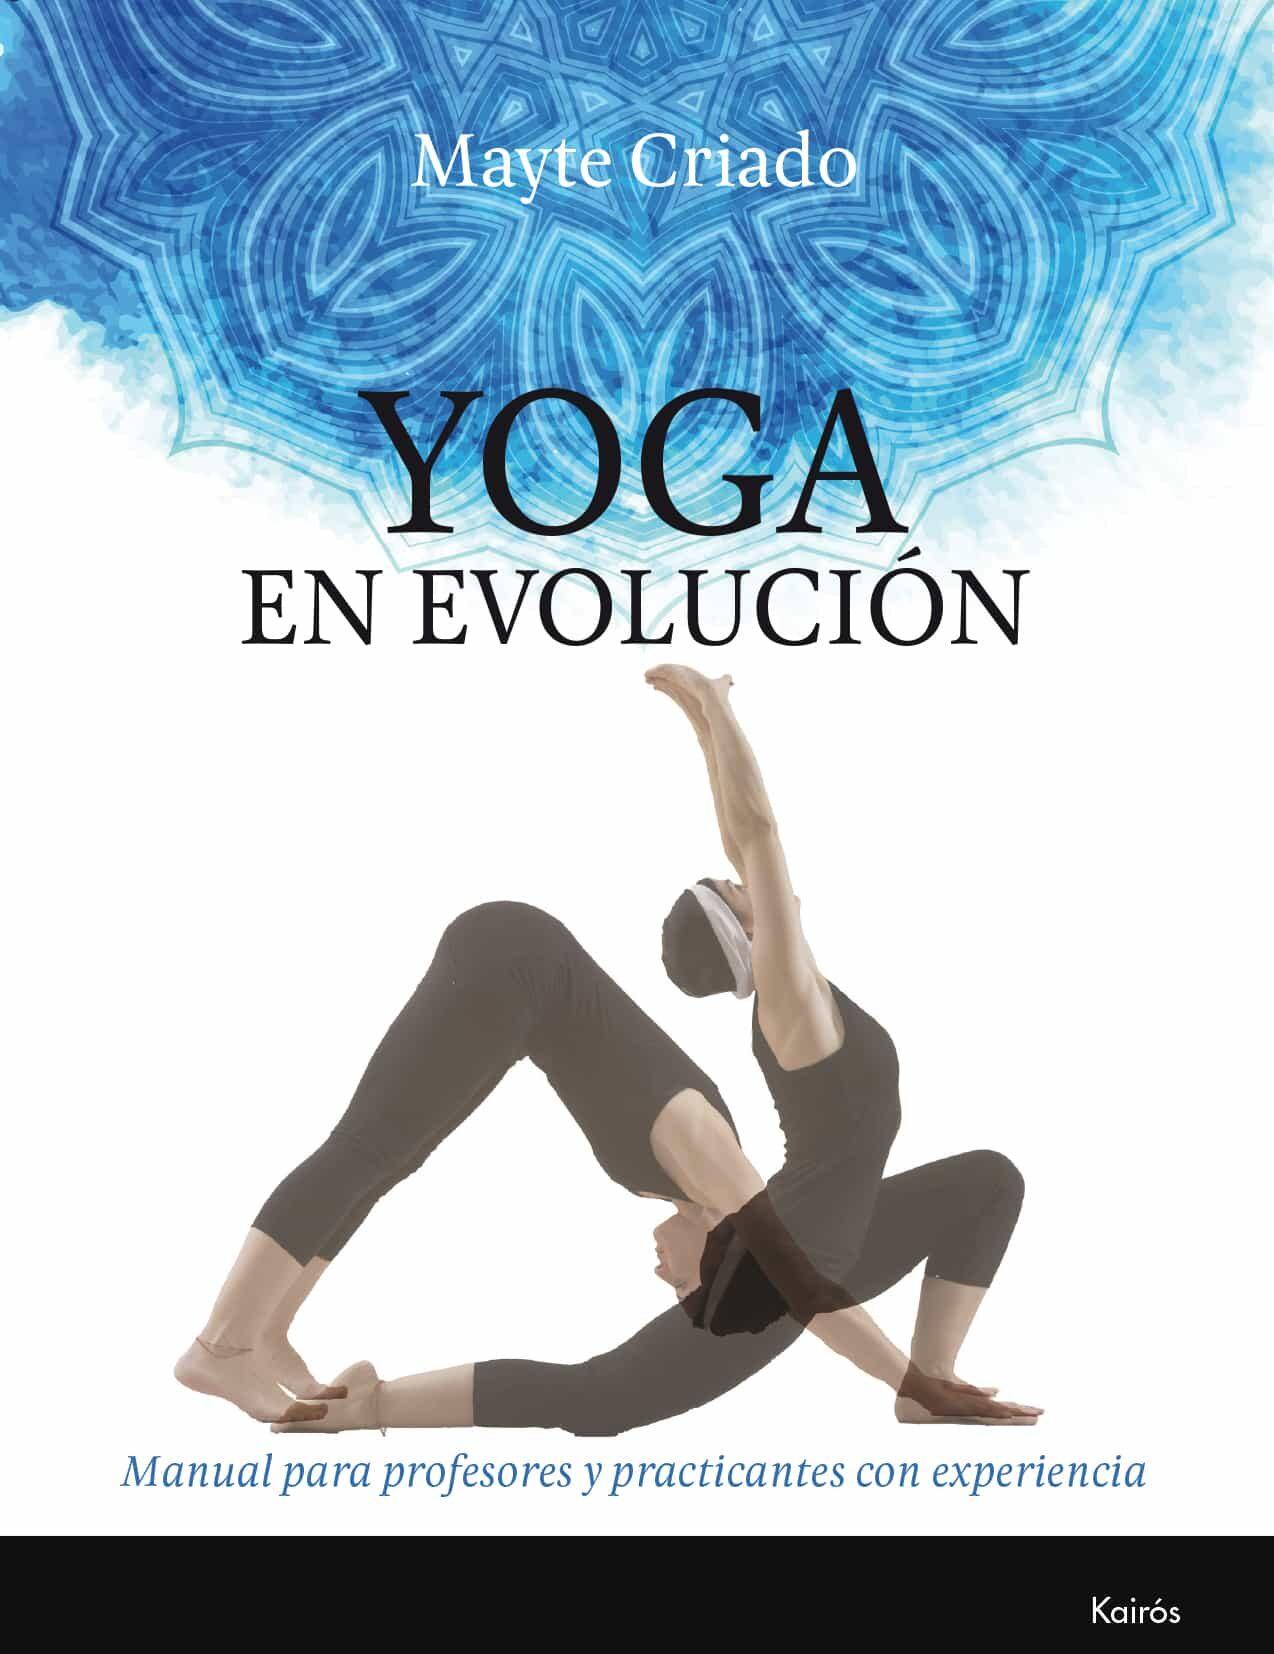 YOGA EN EVOLUCION: MANUAL PARA PROFESORES Y PRACTICANTES CON ...